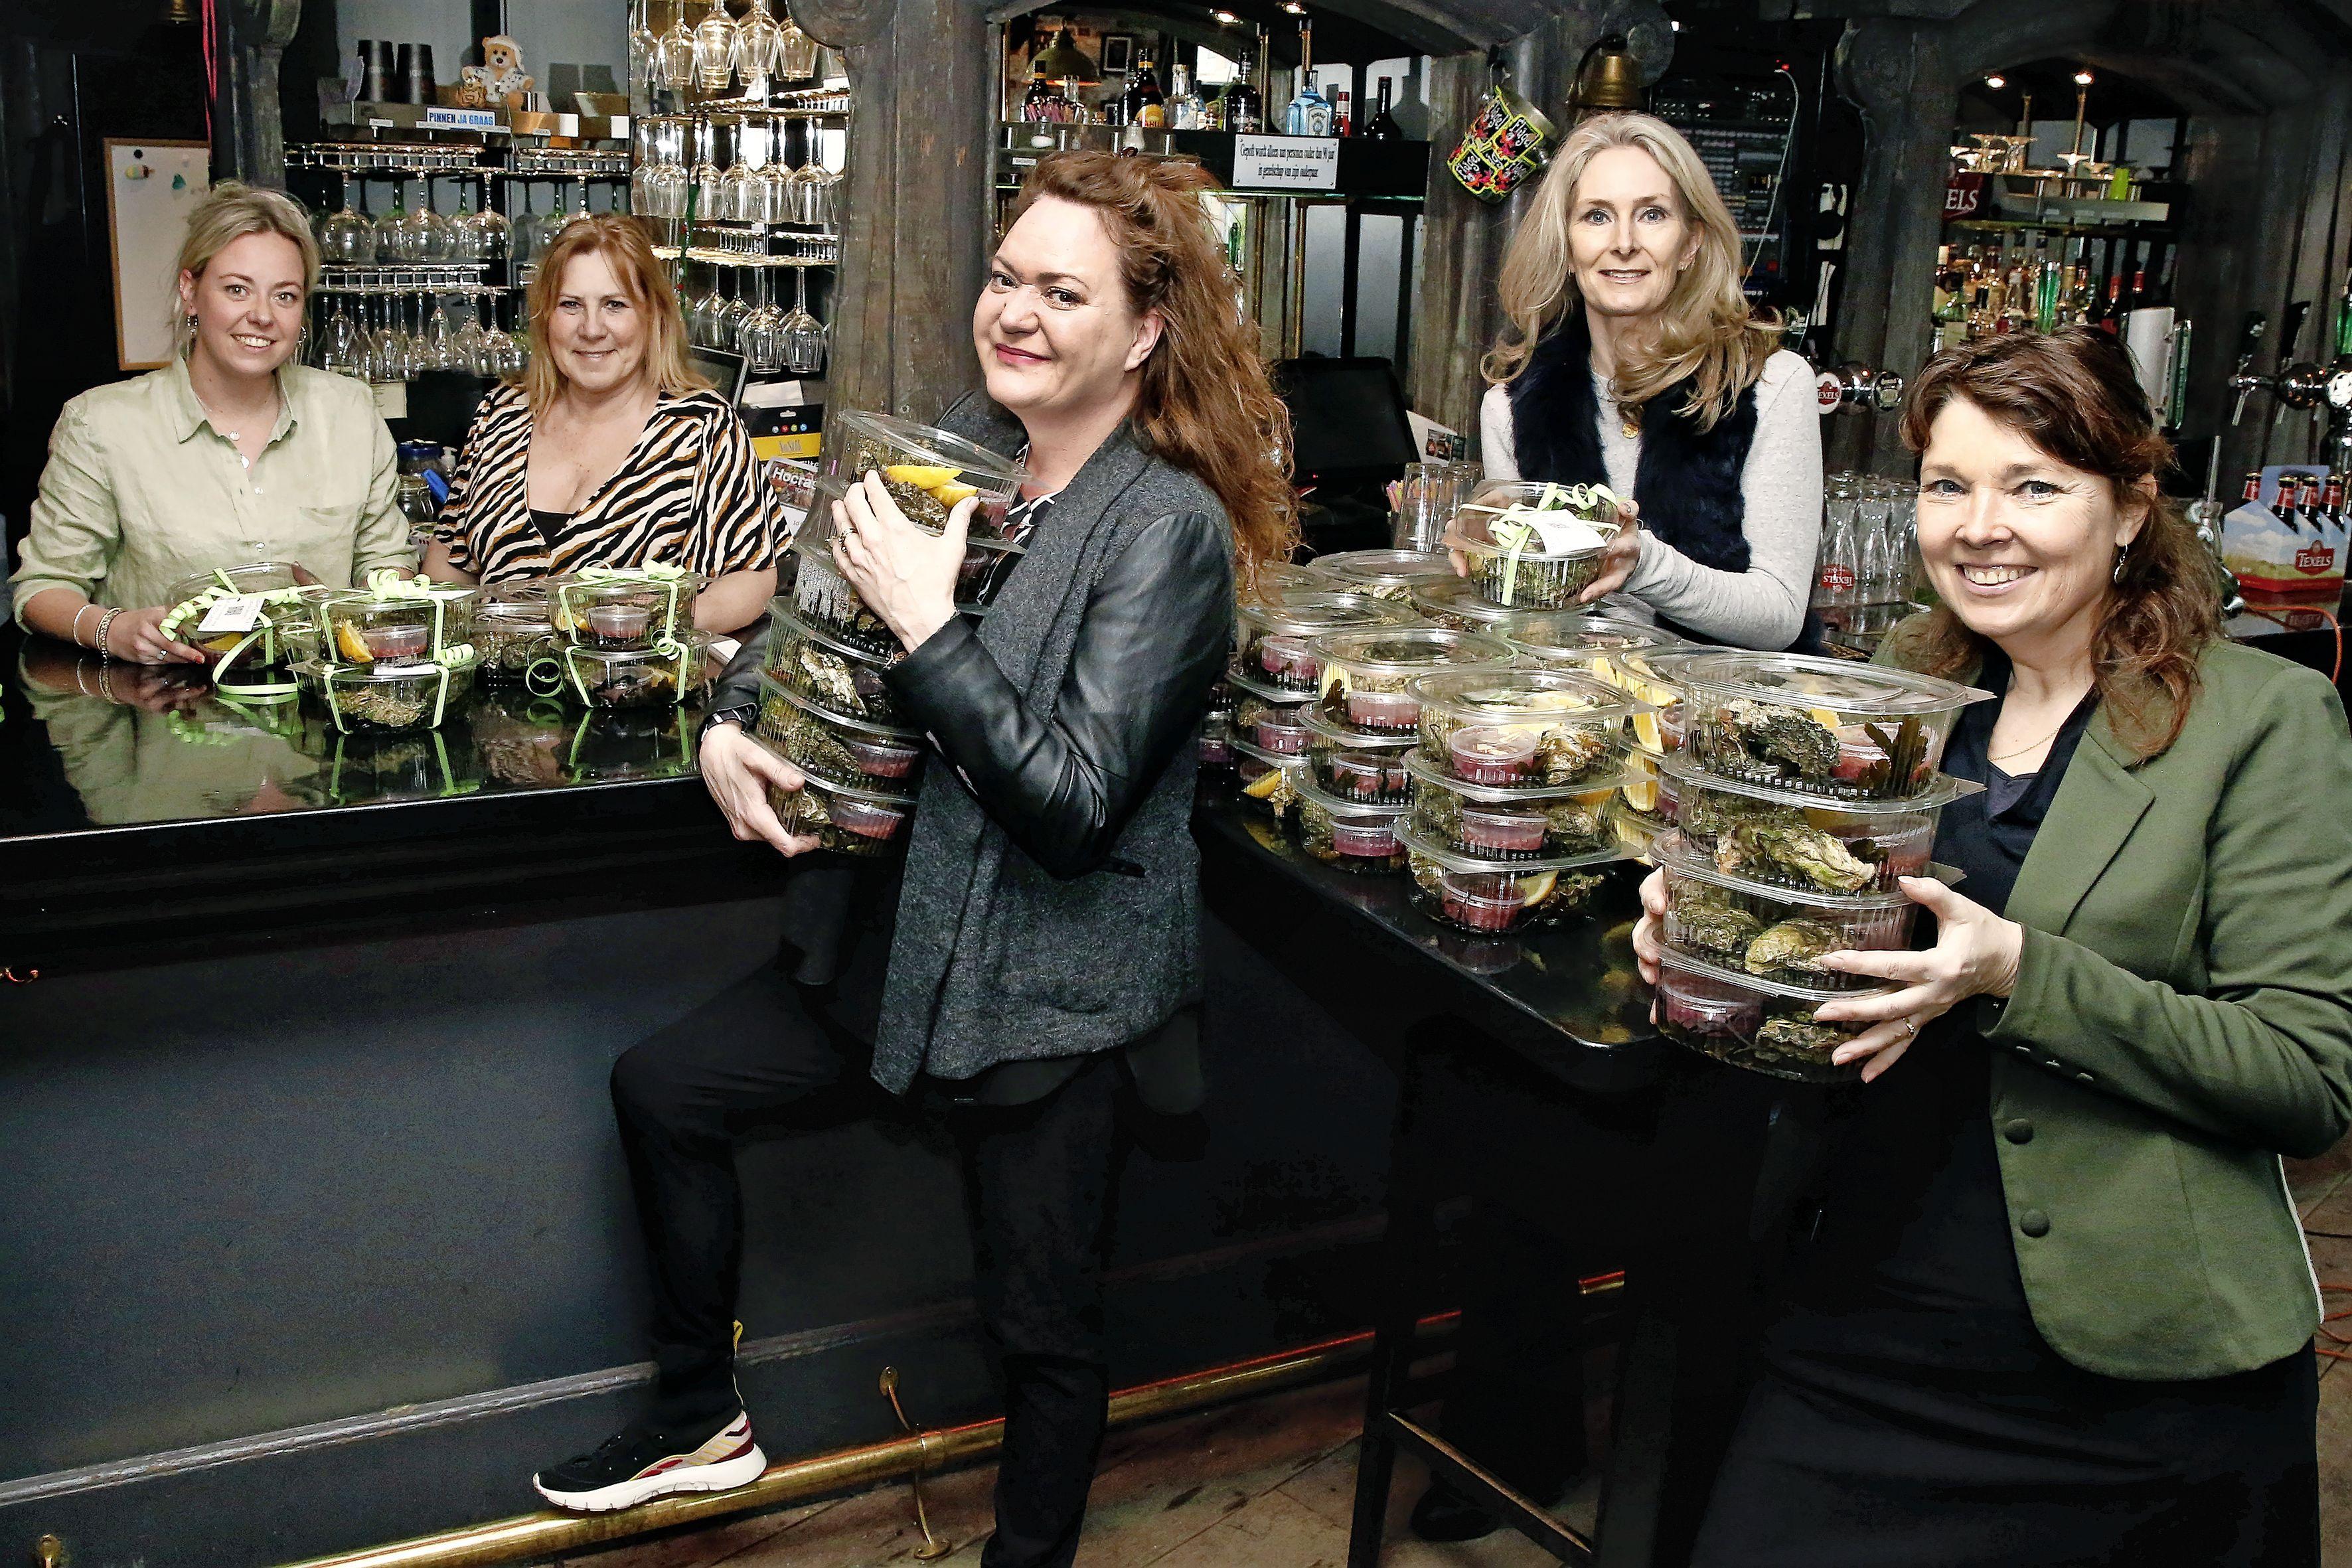 Oesters eten en de opbrengst is voor Stichting Viore: 'Een heel mooi initiatief en nog lekker ook'